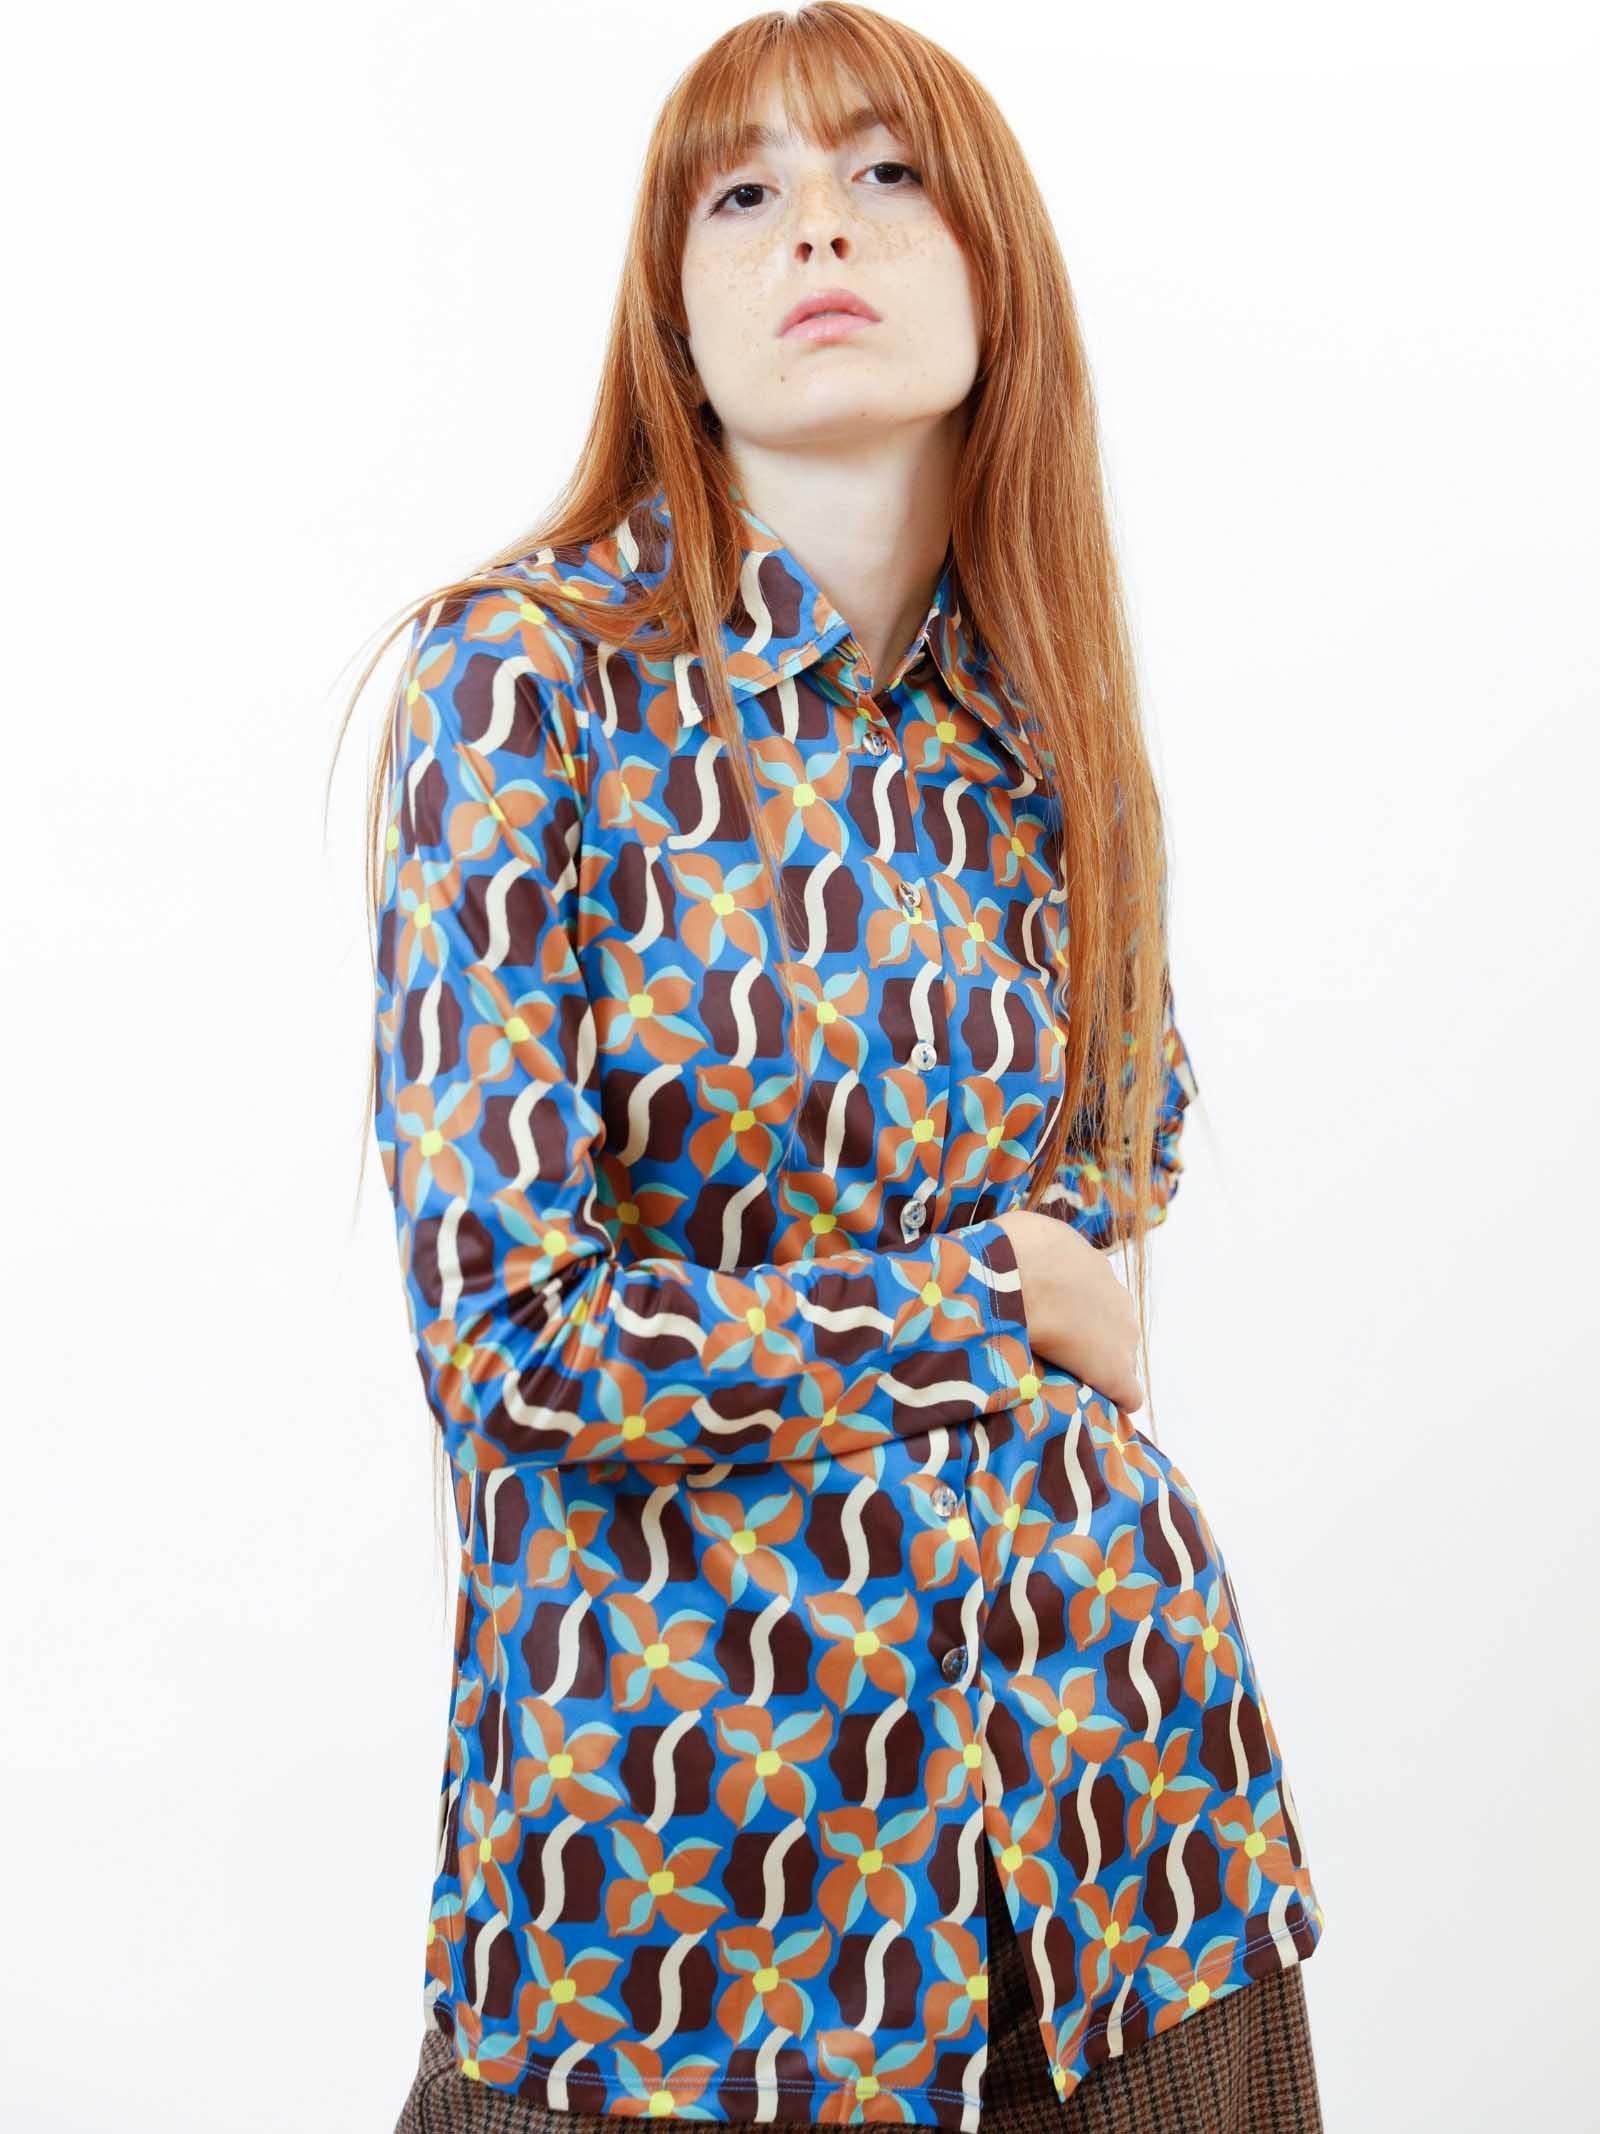 Abbigliamento Donna Camicia Wavy Daff in Jersey Stretch Stampato Blu a Fantasia Maliparmi | Camicie e Top | JM445570524C8053